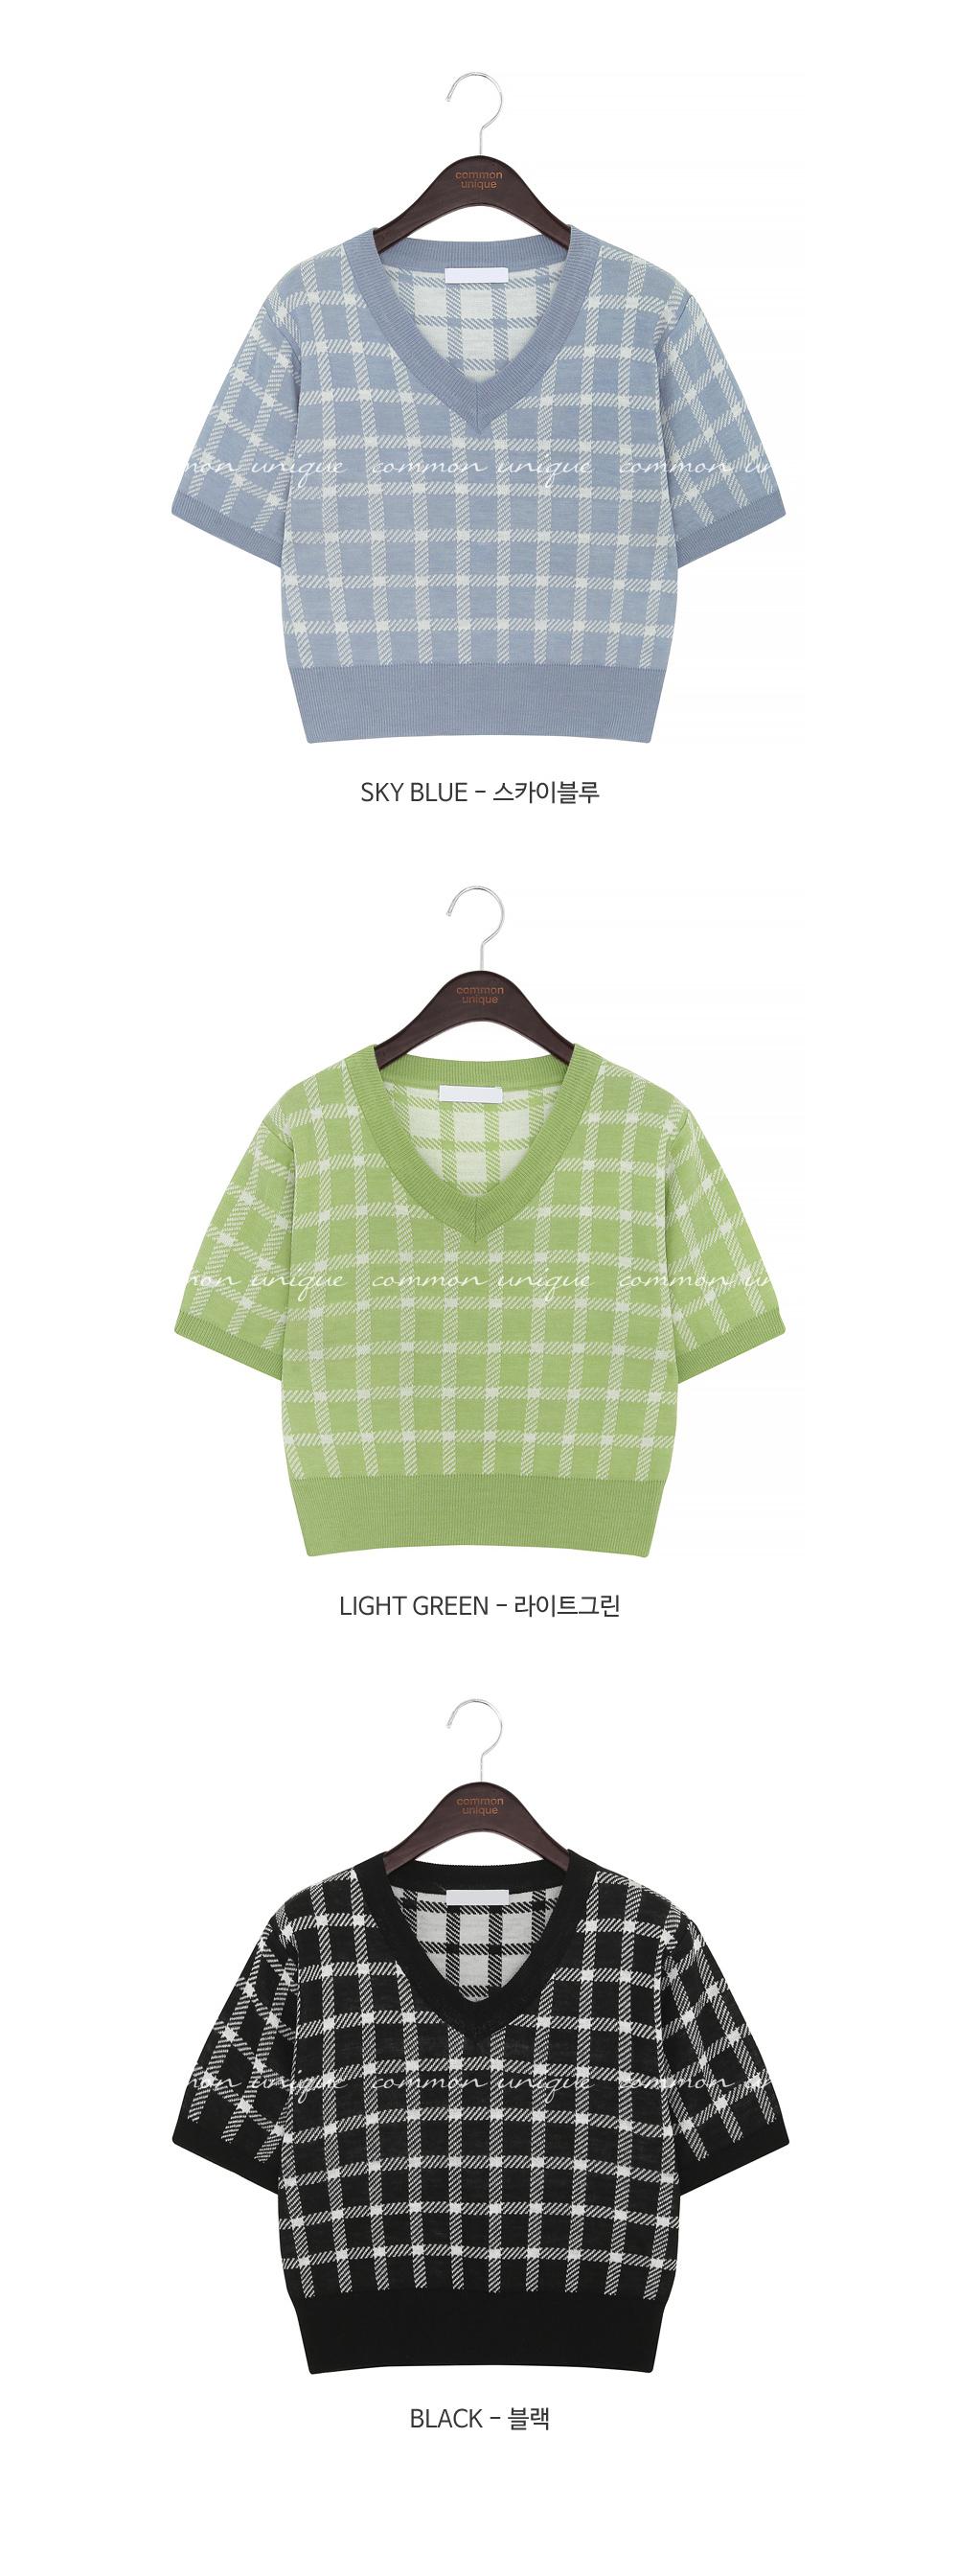 dress lime color image-S1L26